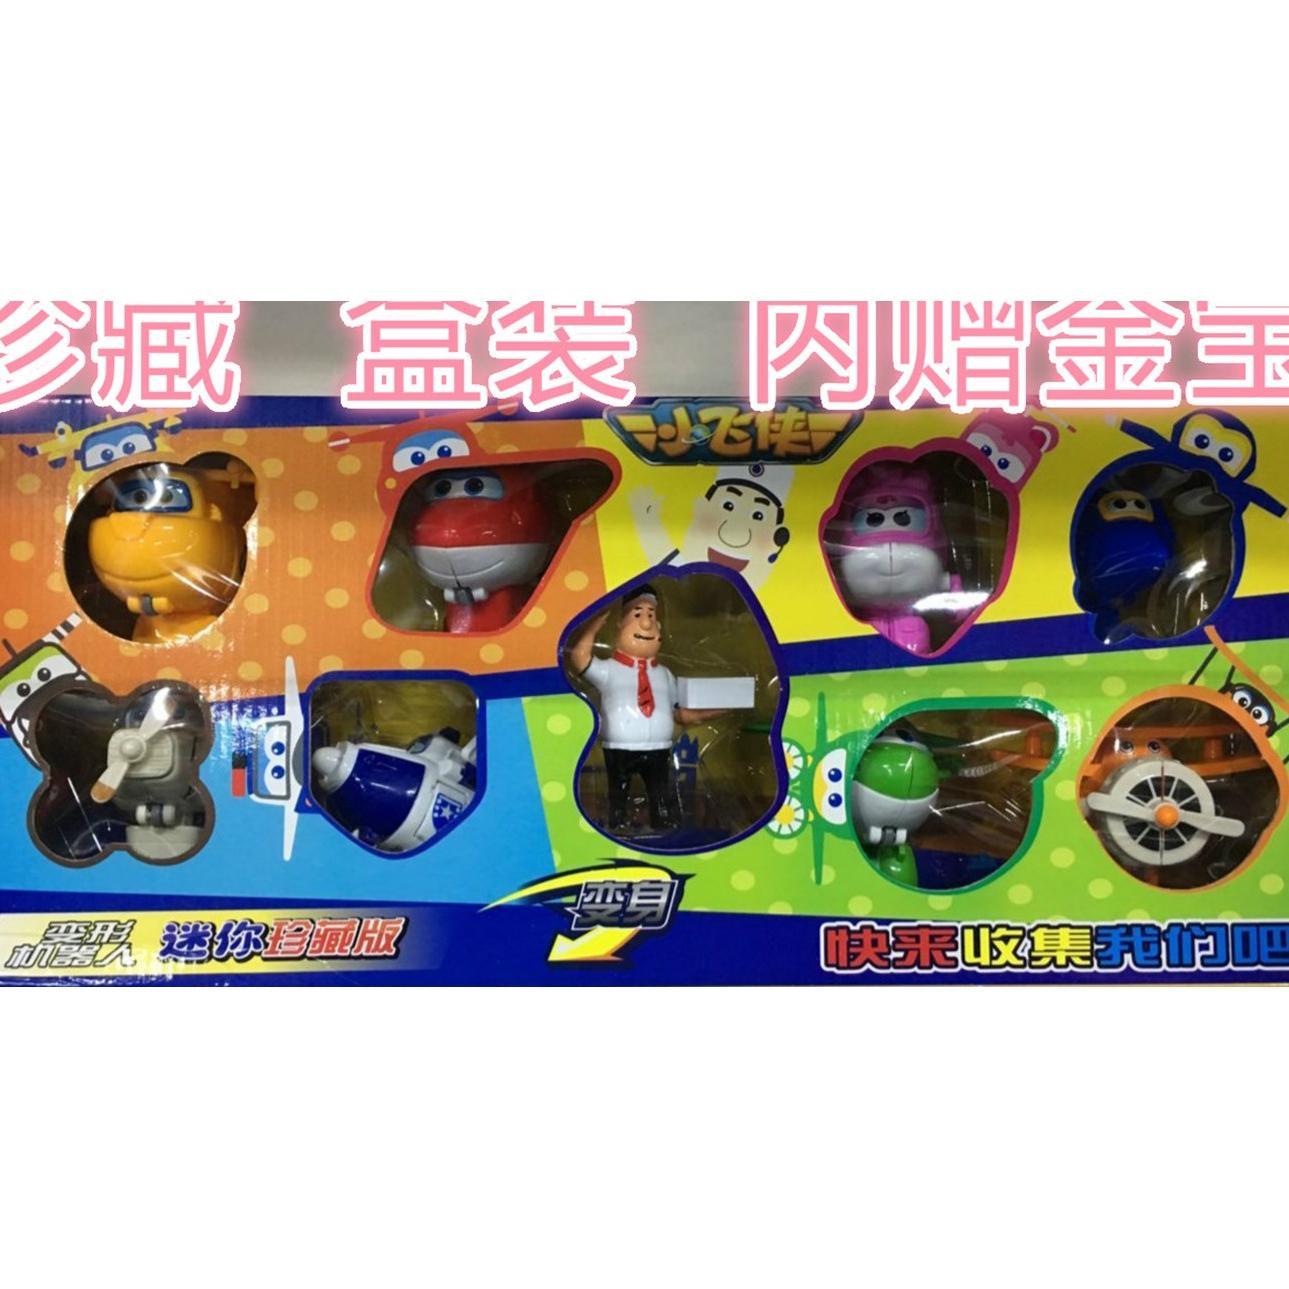 Der neue super - Super - McFly Cartoon - verformung BEI spielzeug - ROBOTER - anzug eine ganze Reihe von ACHT puzzle - Spiel